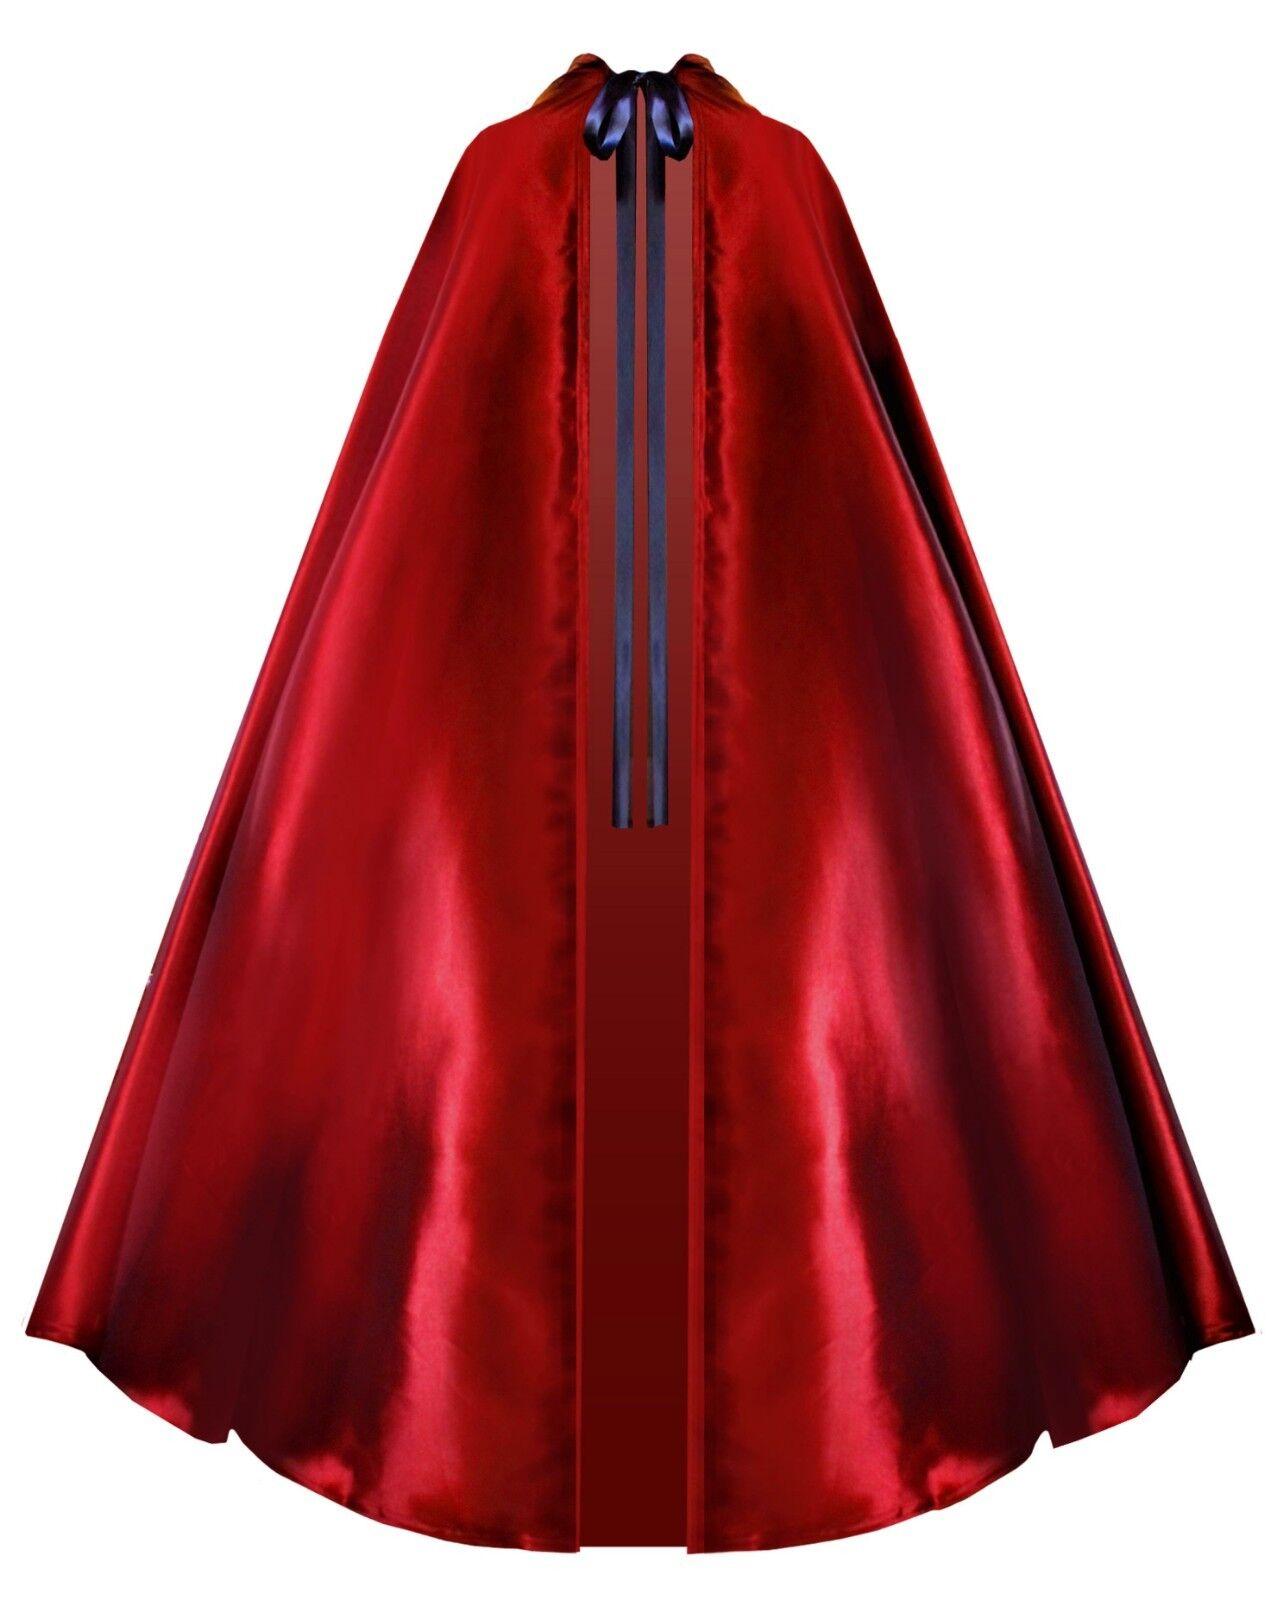 Victorian Gothic Historical Steampunk Pirate Taffeta Hooded Cape Cloak